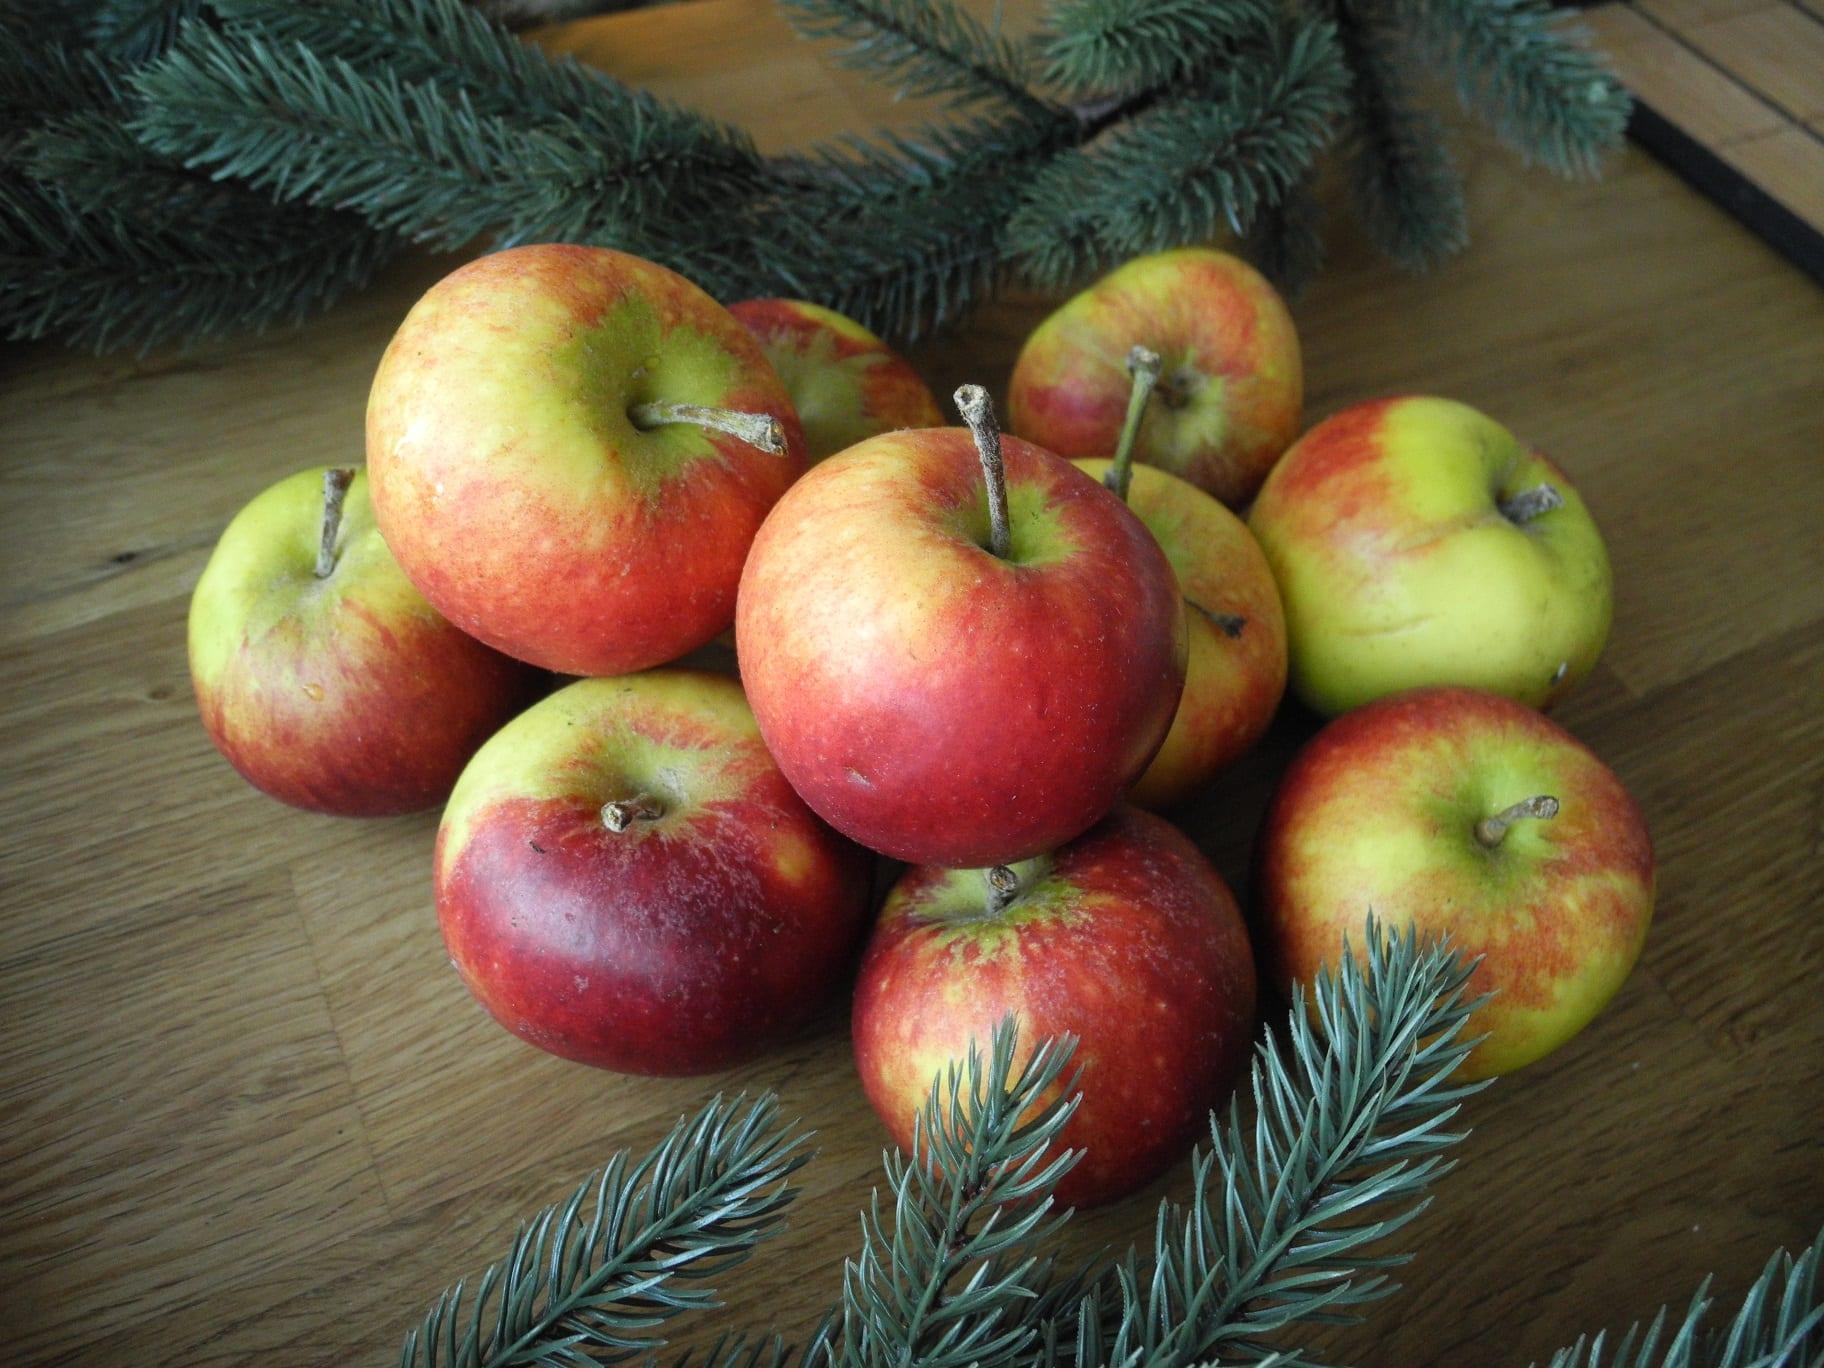 ingrid marie äpple